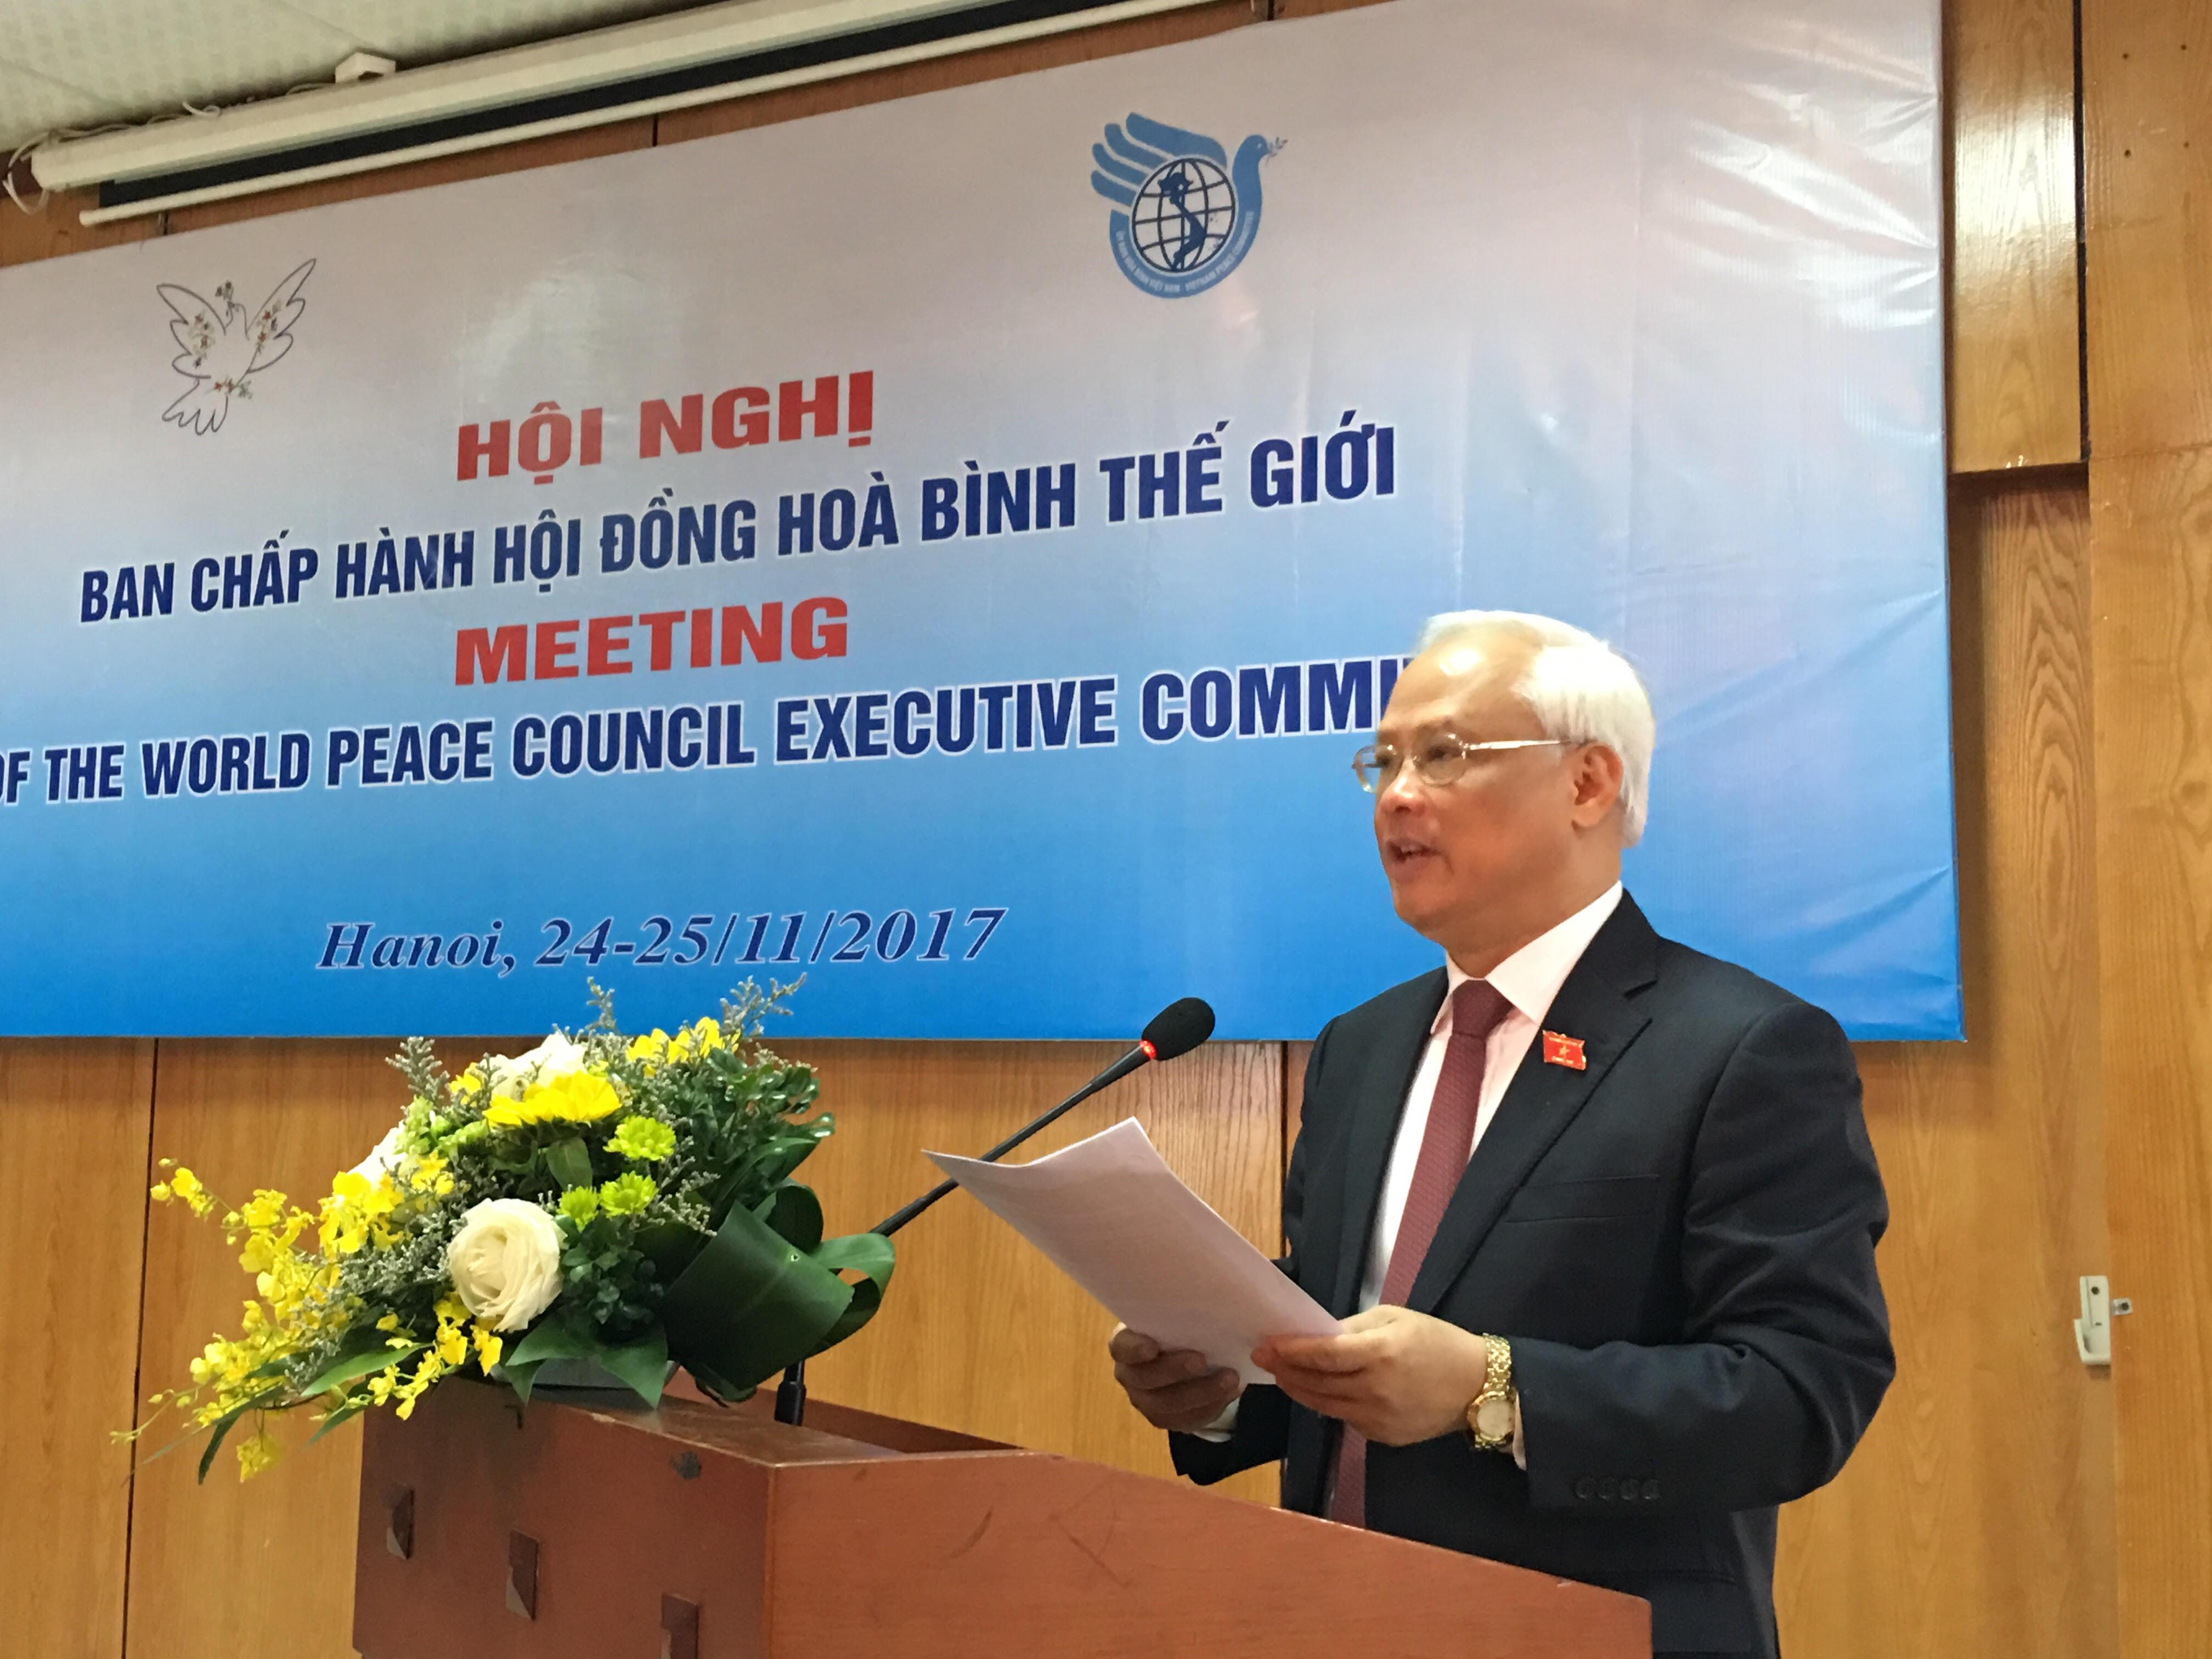 Hội nghị Ban Chấp hành Hội đồng Hòa bình thế giới tại Việt Nam